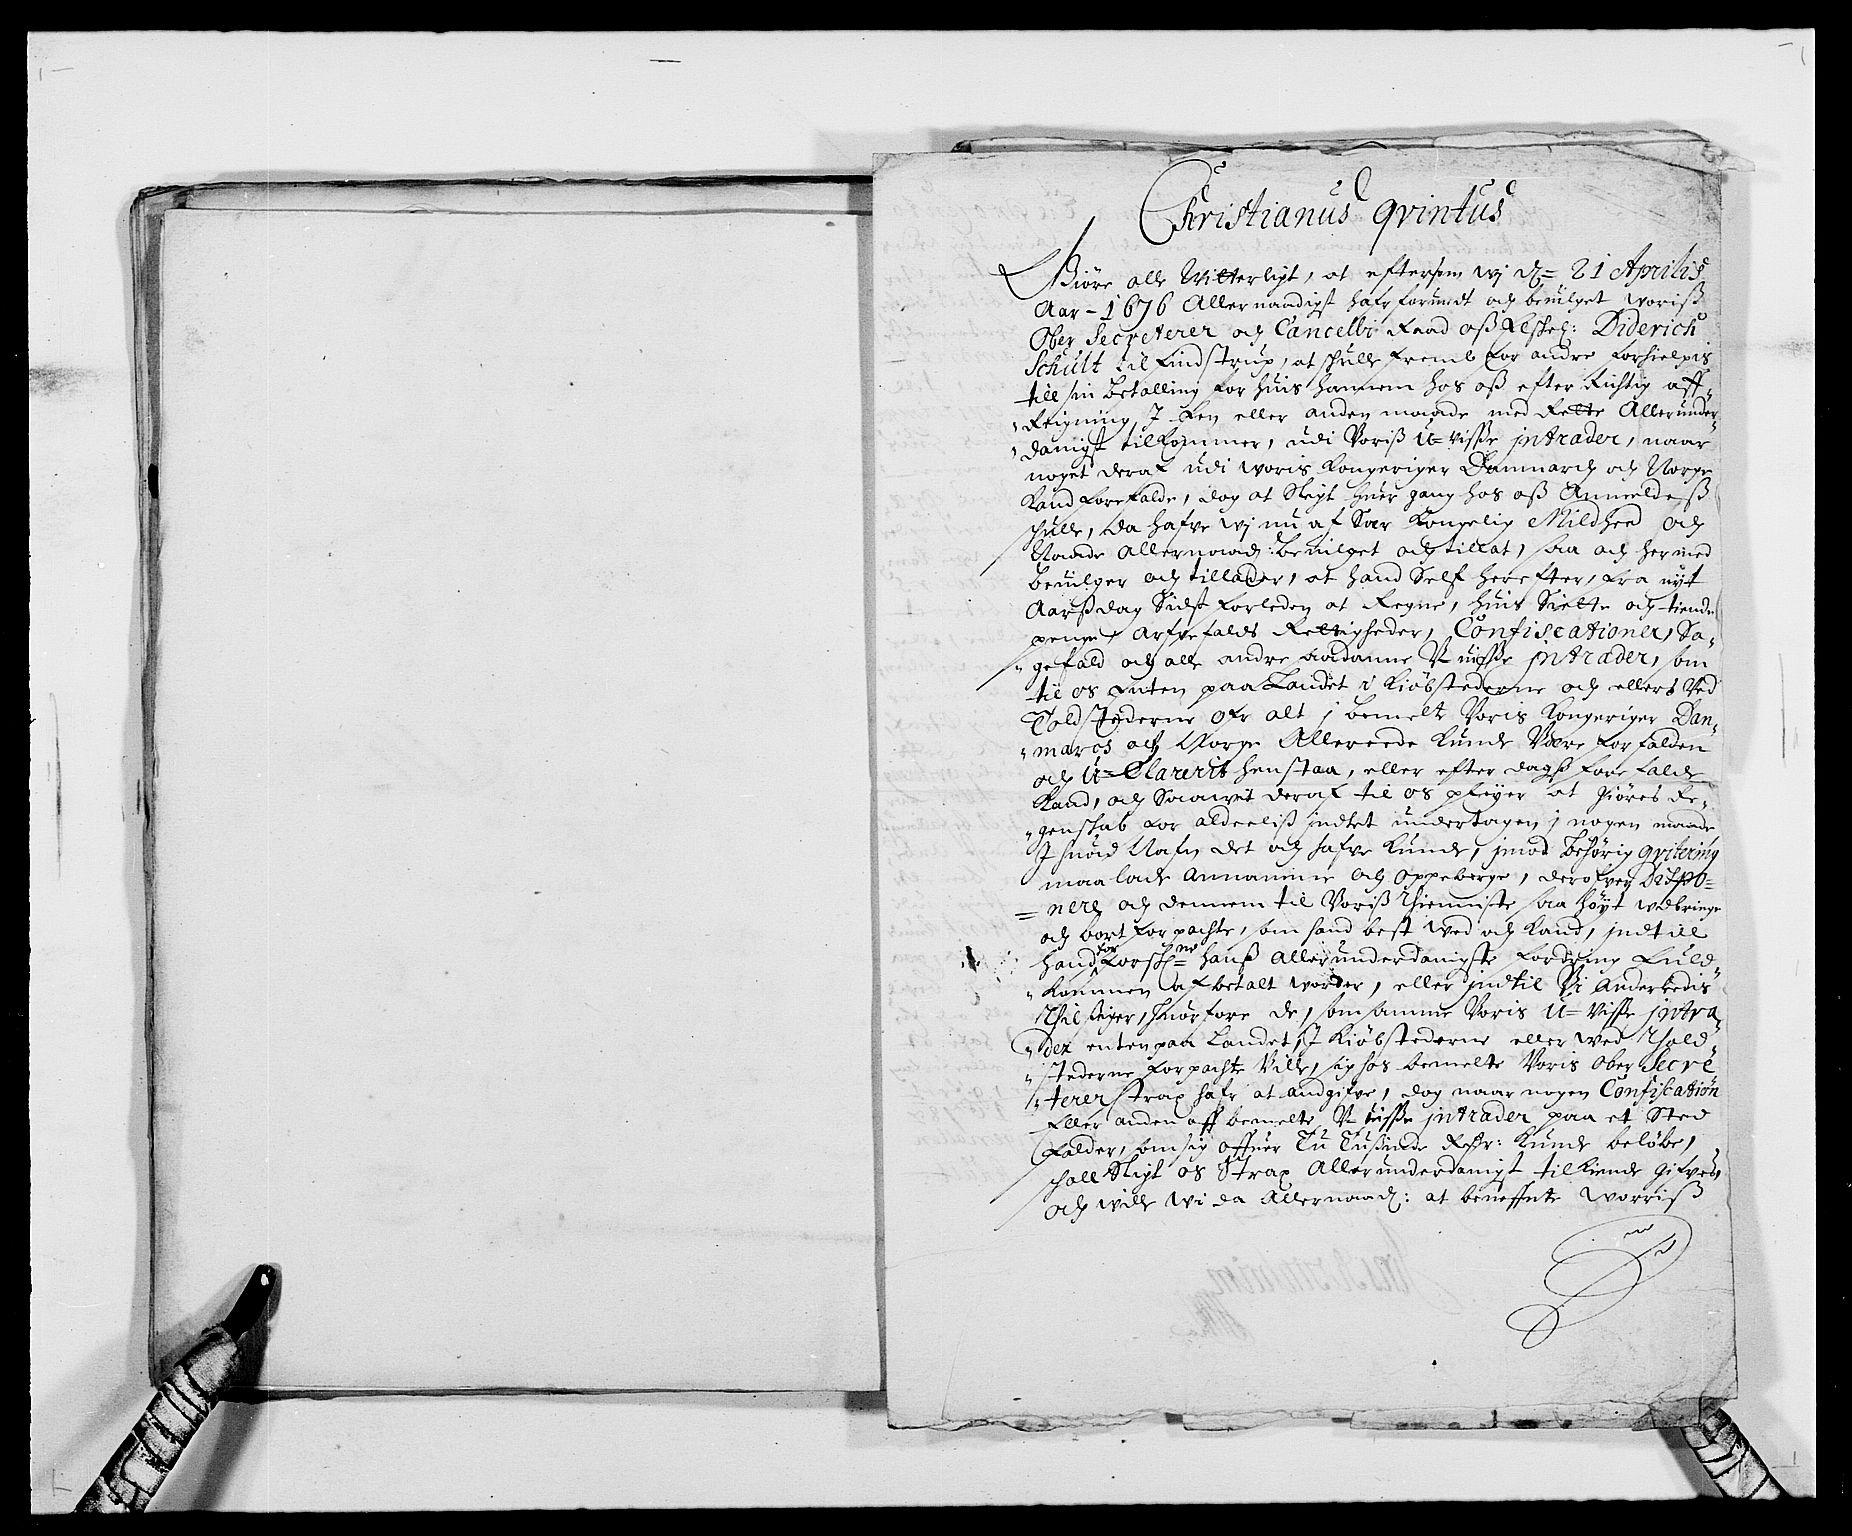 RA, Rentekammeret inntil 1814, Reviderte regnskaper, Fogderegnskap, R40/L2435: Fogderegnskap Råbyggelag, 1677-1678, s. 31